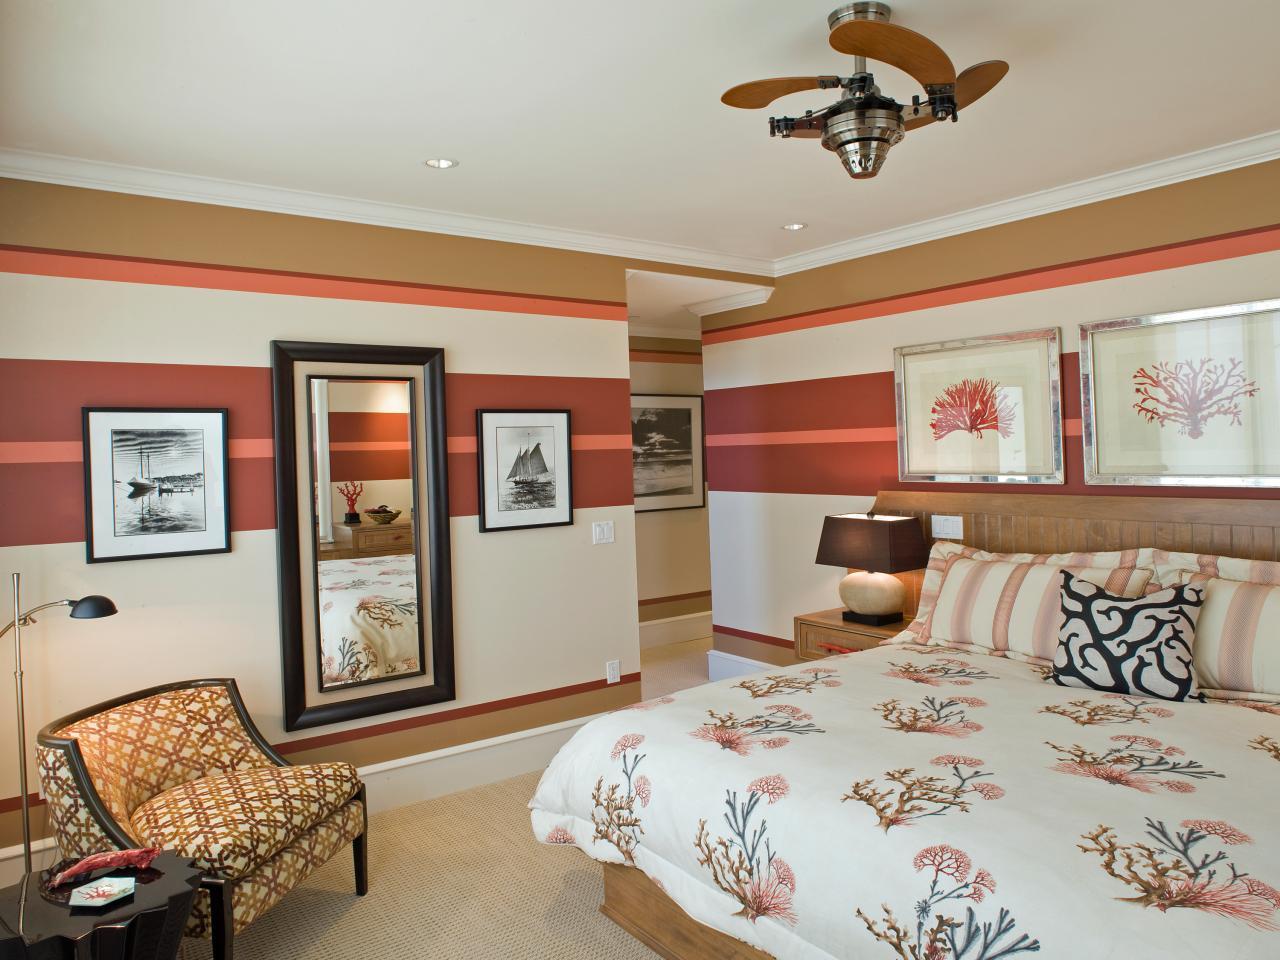 Rayures horizontales sur papier peint dans la chambre.